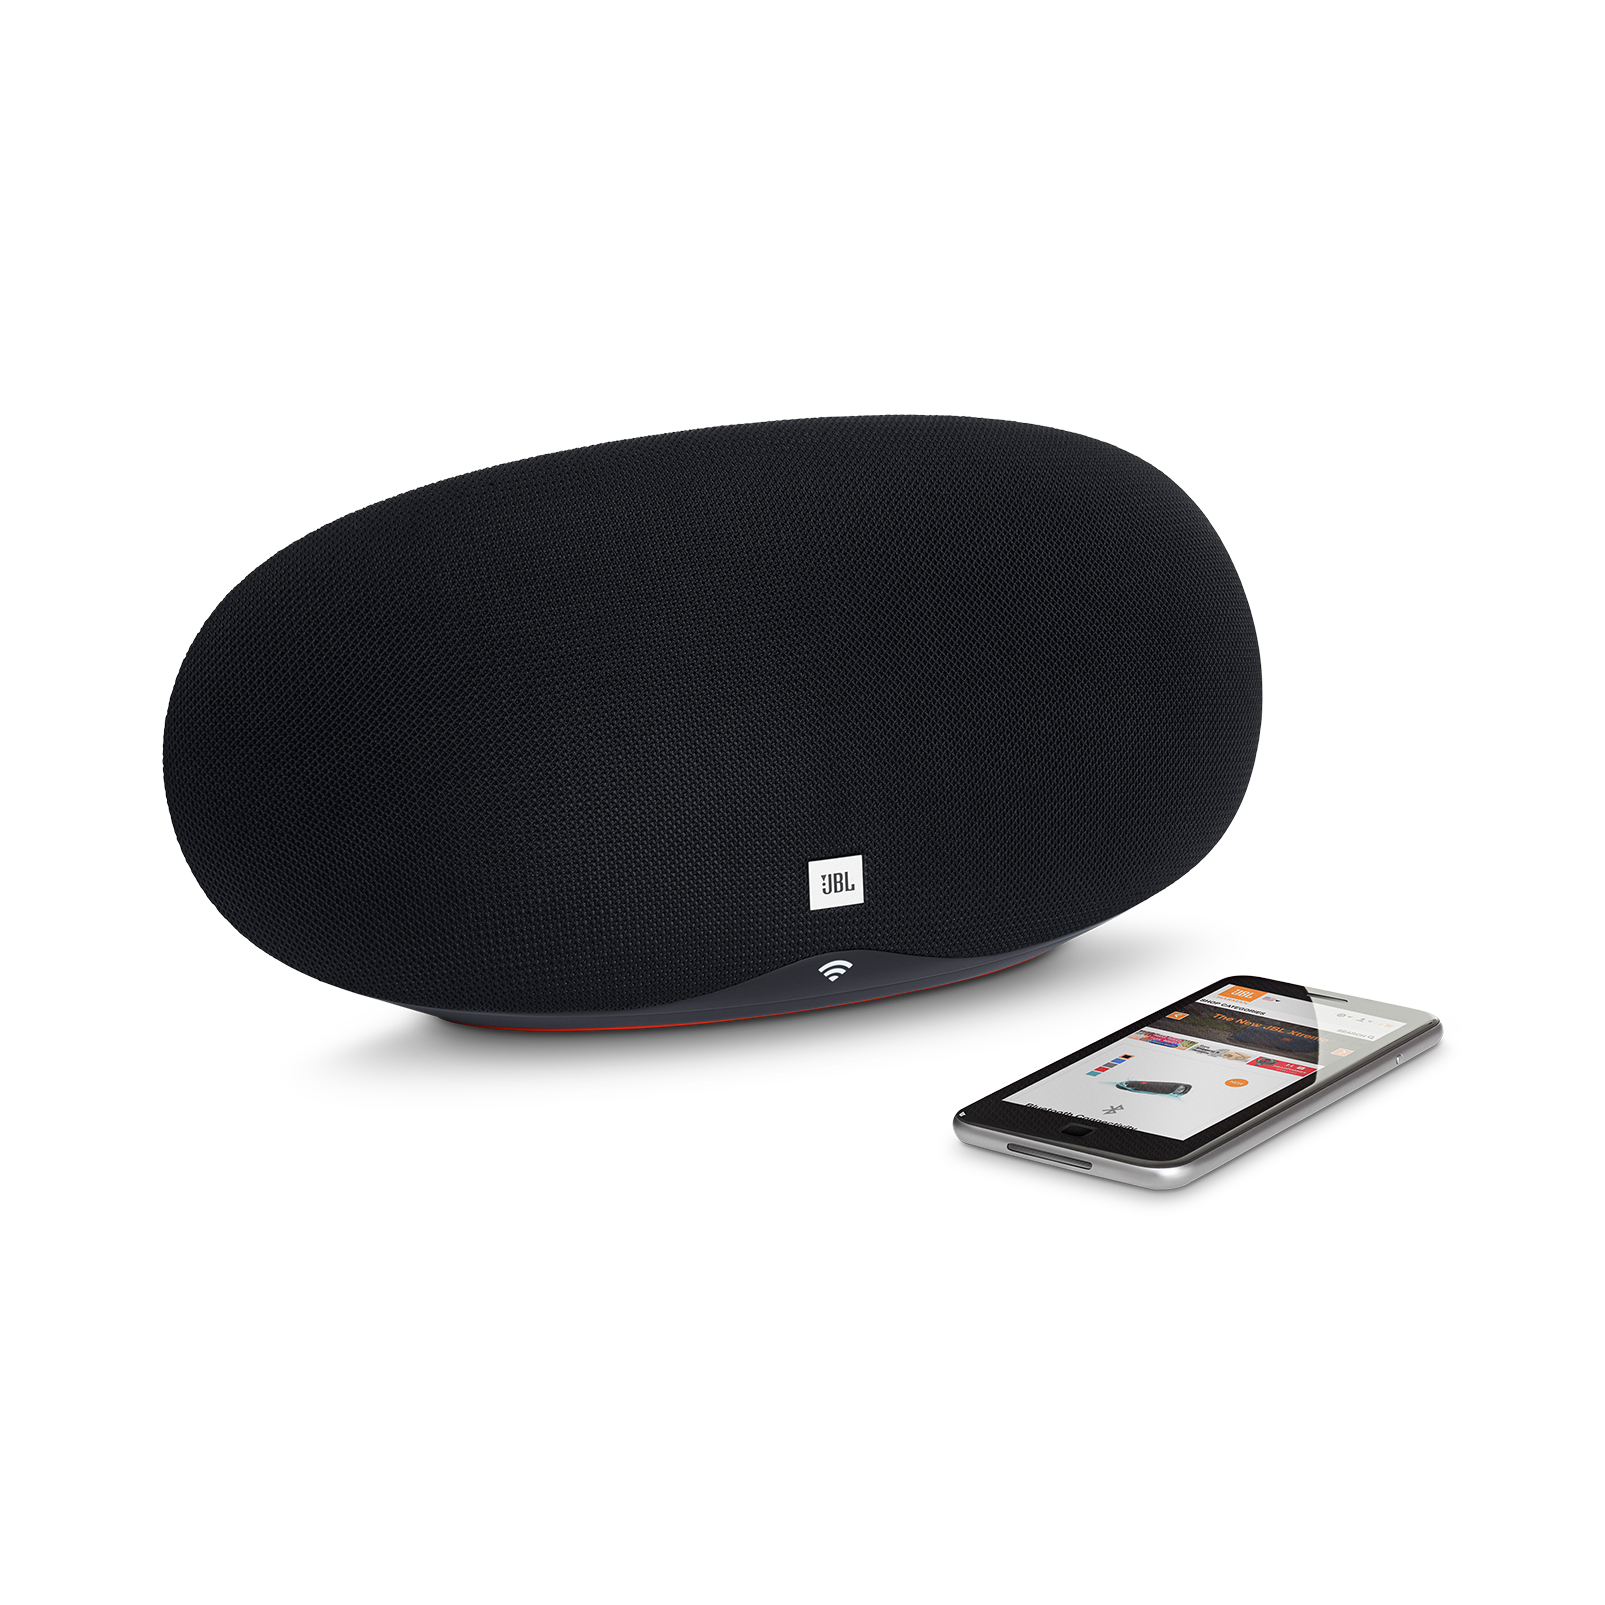 JBL Playlist | Draadloze luidspreker met ingebouwde Chromecast ...